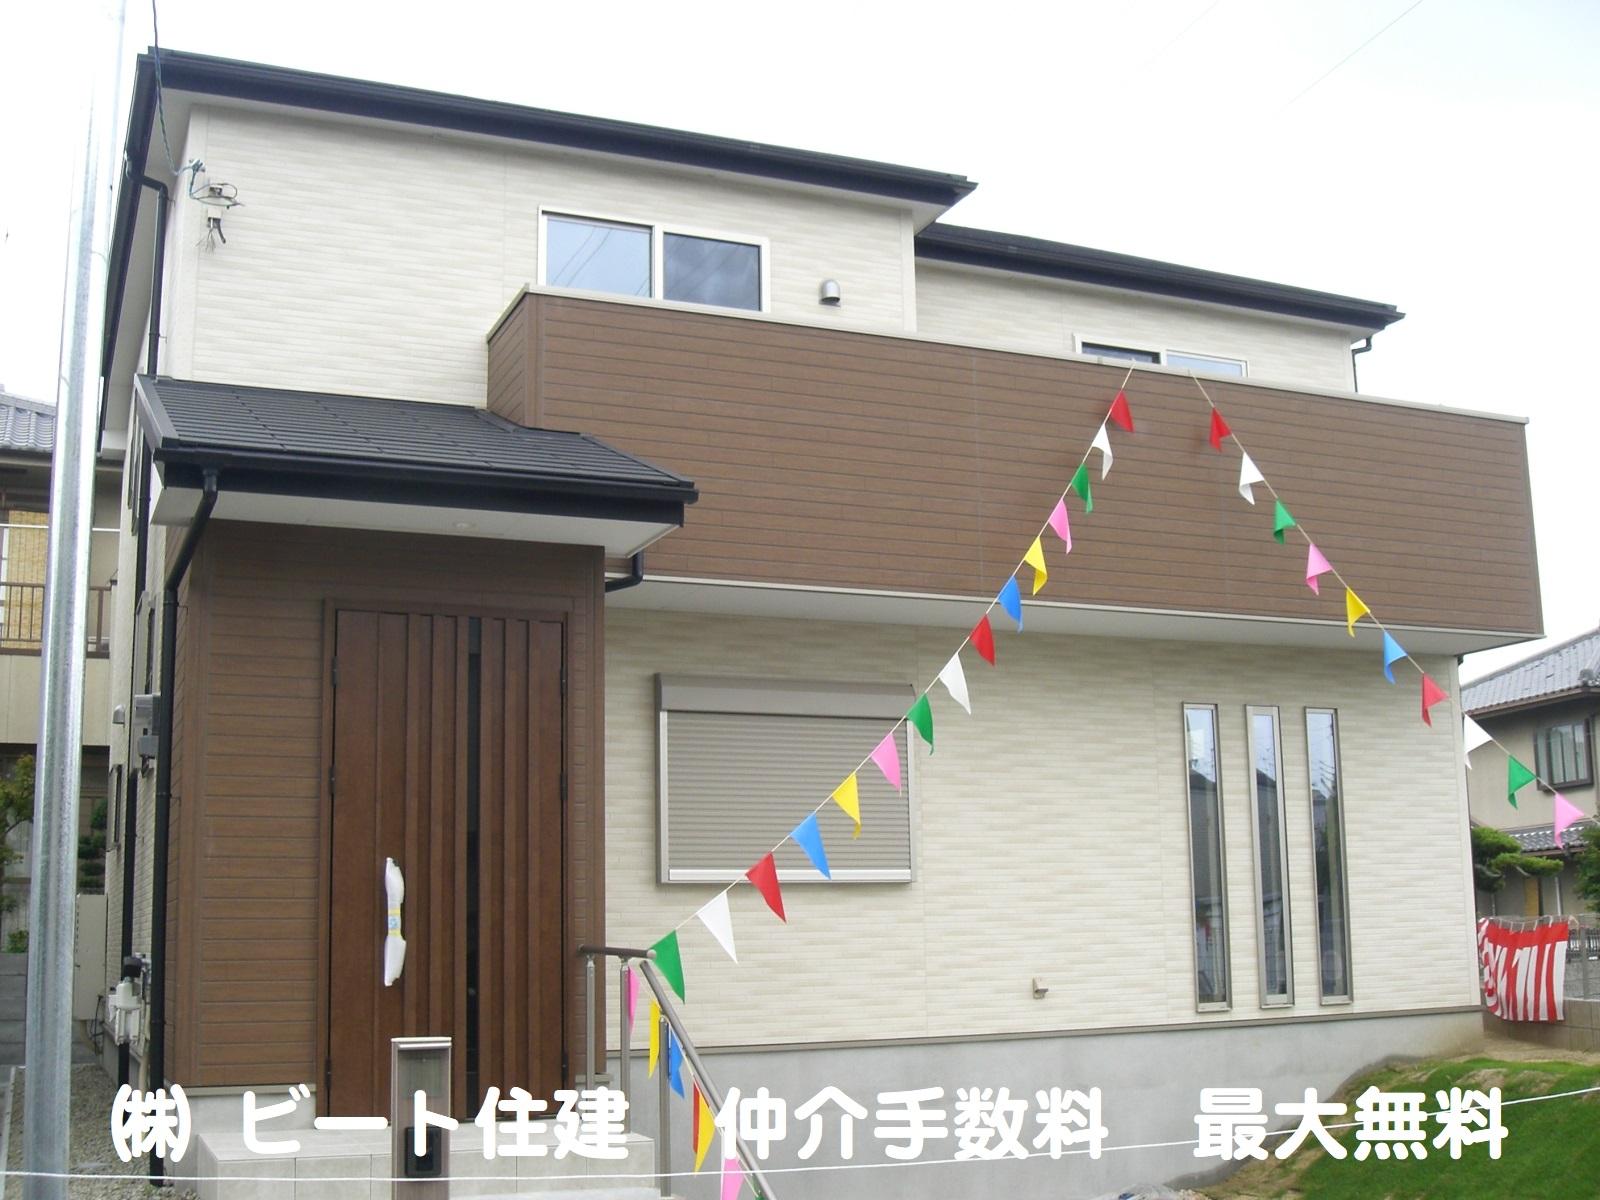 奈良県 河合町 新築 ビート住建 河合町 お買い得 仲介手数料 最大無料 大幅値引き 大幅割引き 頑張ります!